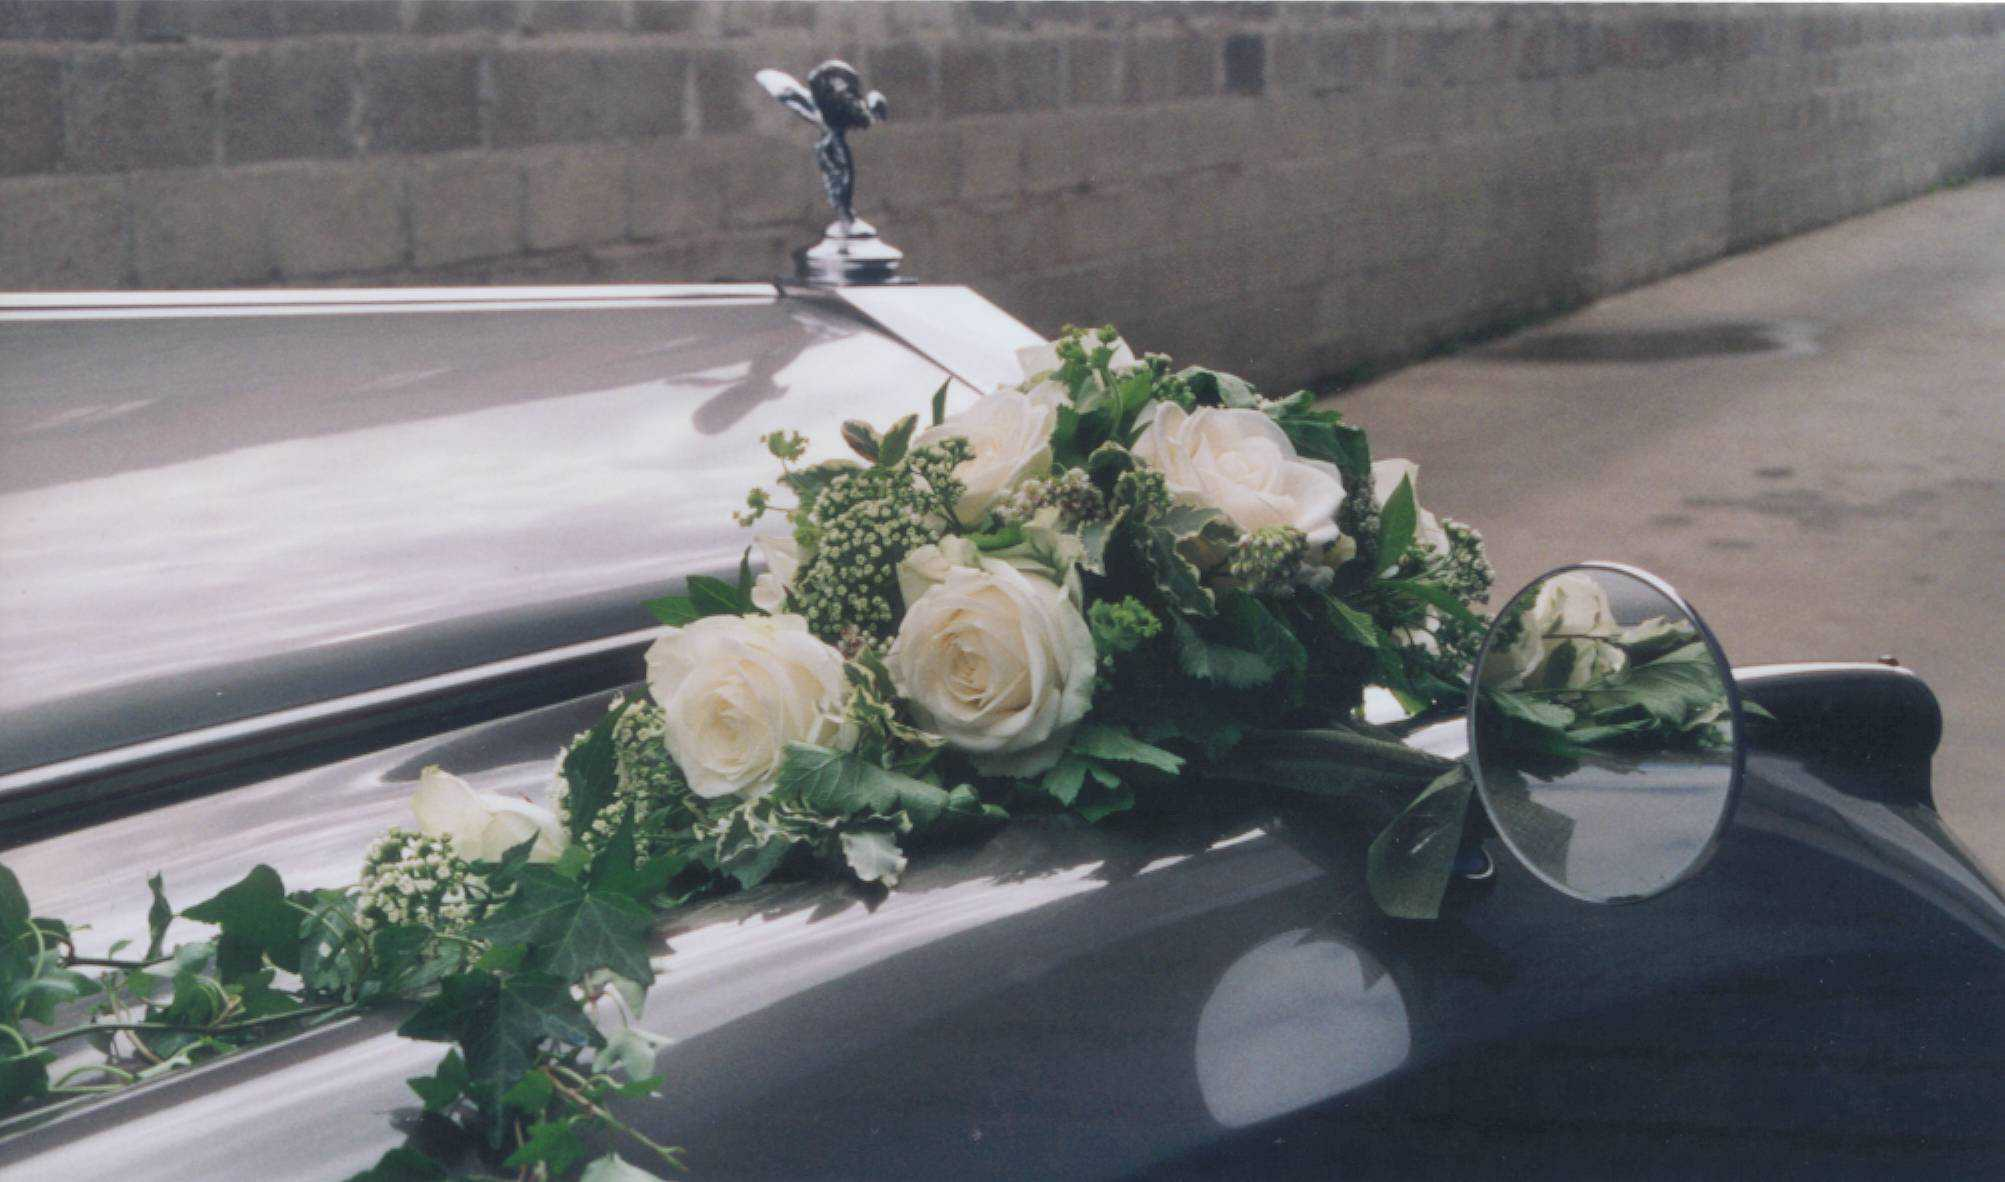 Rolls Royce Silver Cloud bloemen